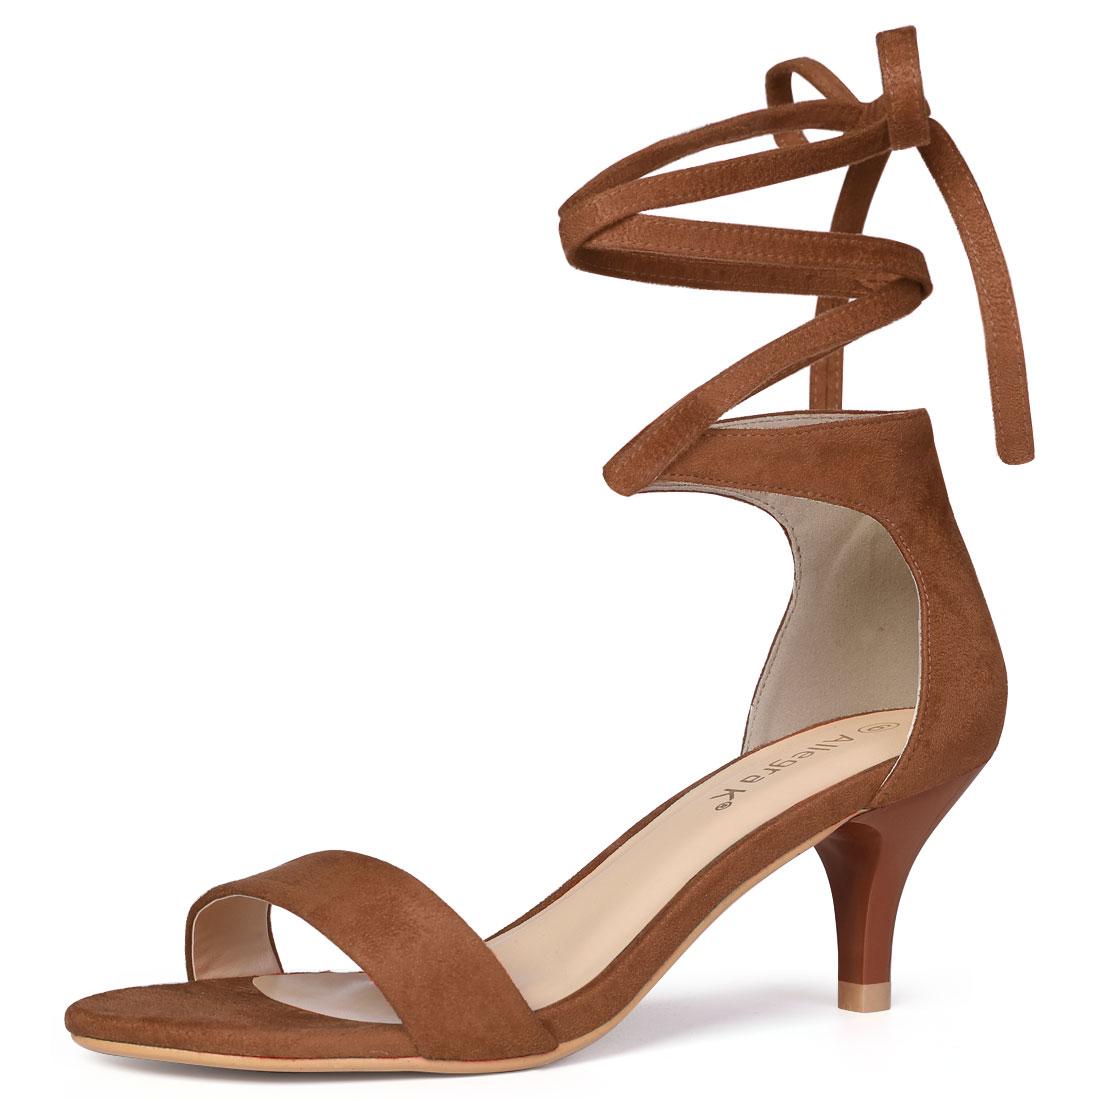 Women Open Toe Kitten Heel Lace Up Dress Sandals Brown US 8.5